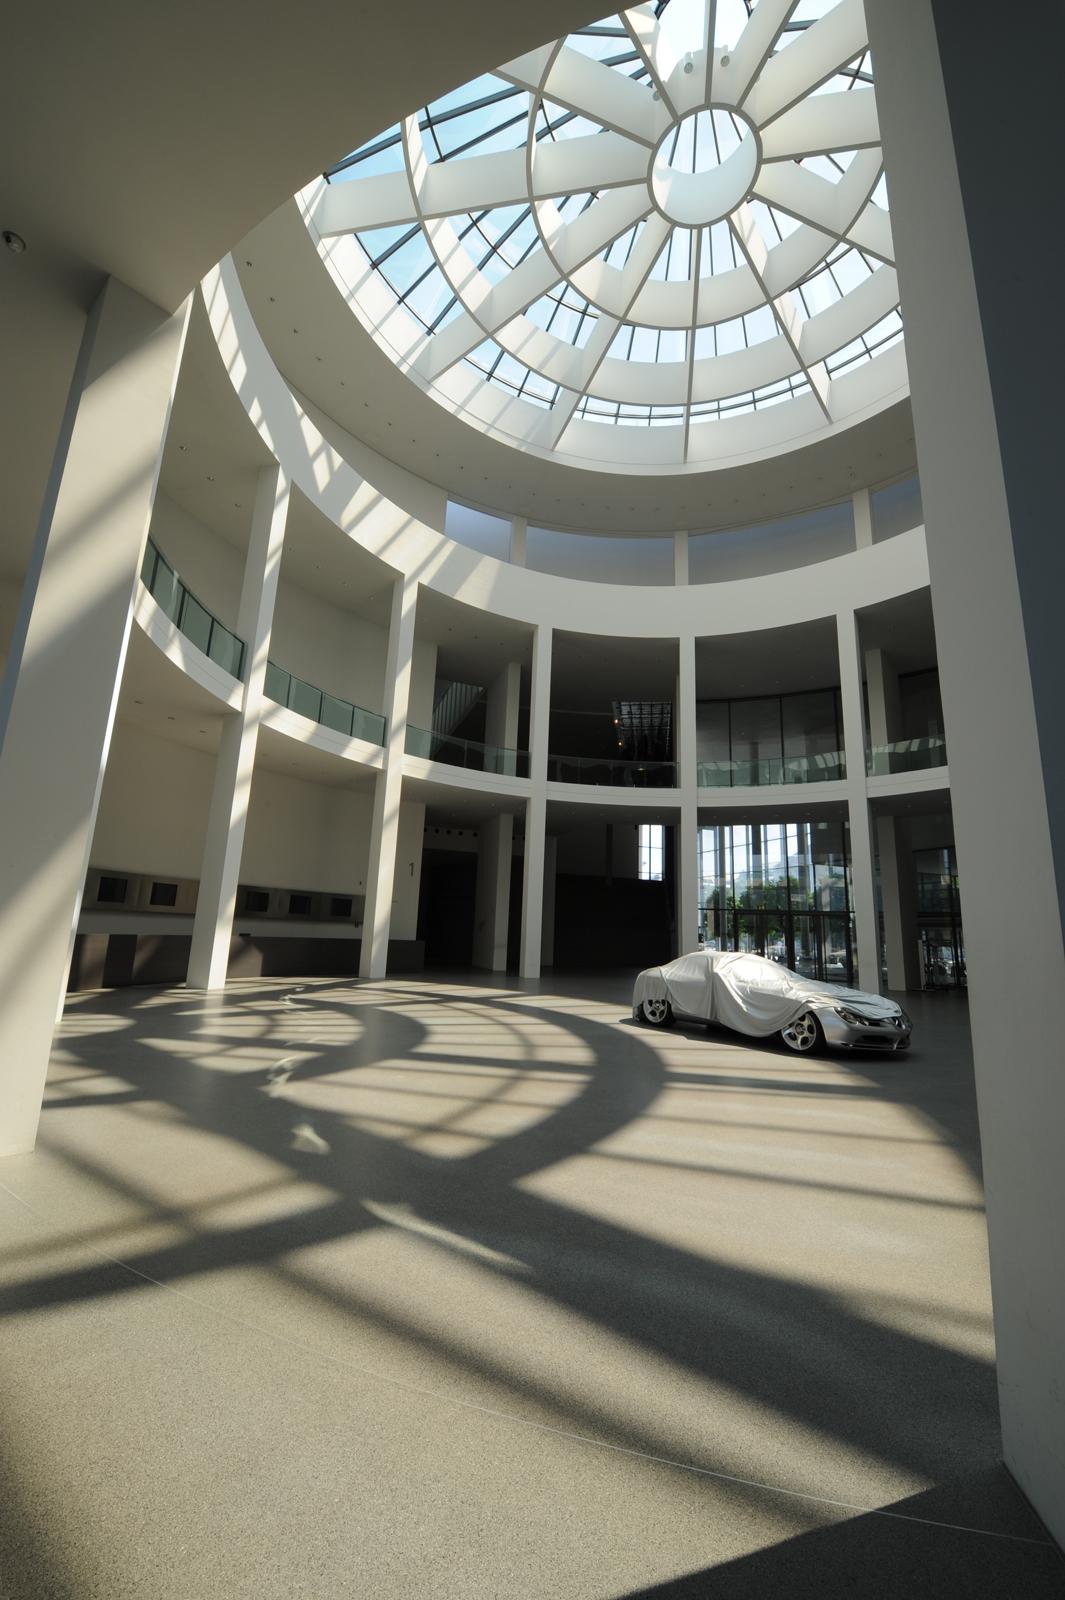 """Выставка """"вехи истории автомобильного дизайна - пример Mercedes-Benz"""" в Pinakothek der Moderne) в Мюнхене - фотография №17"""